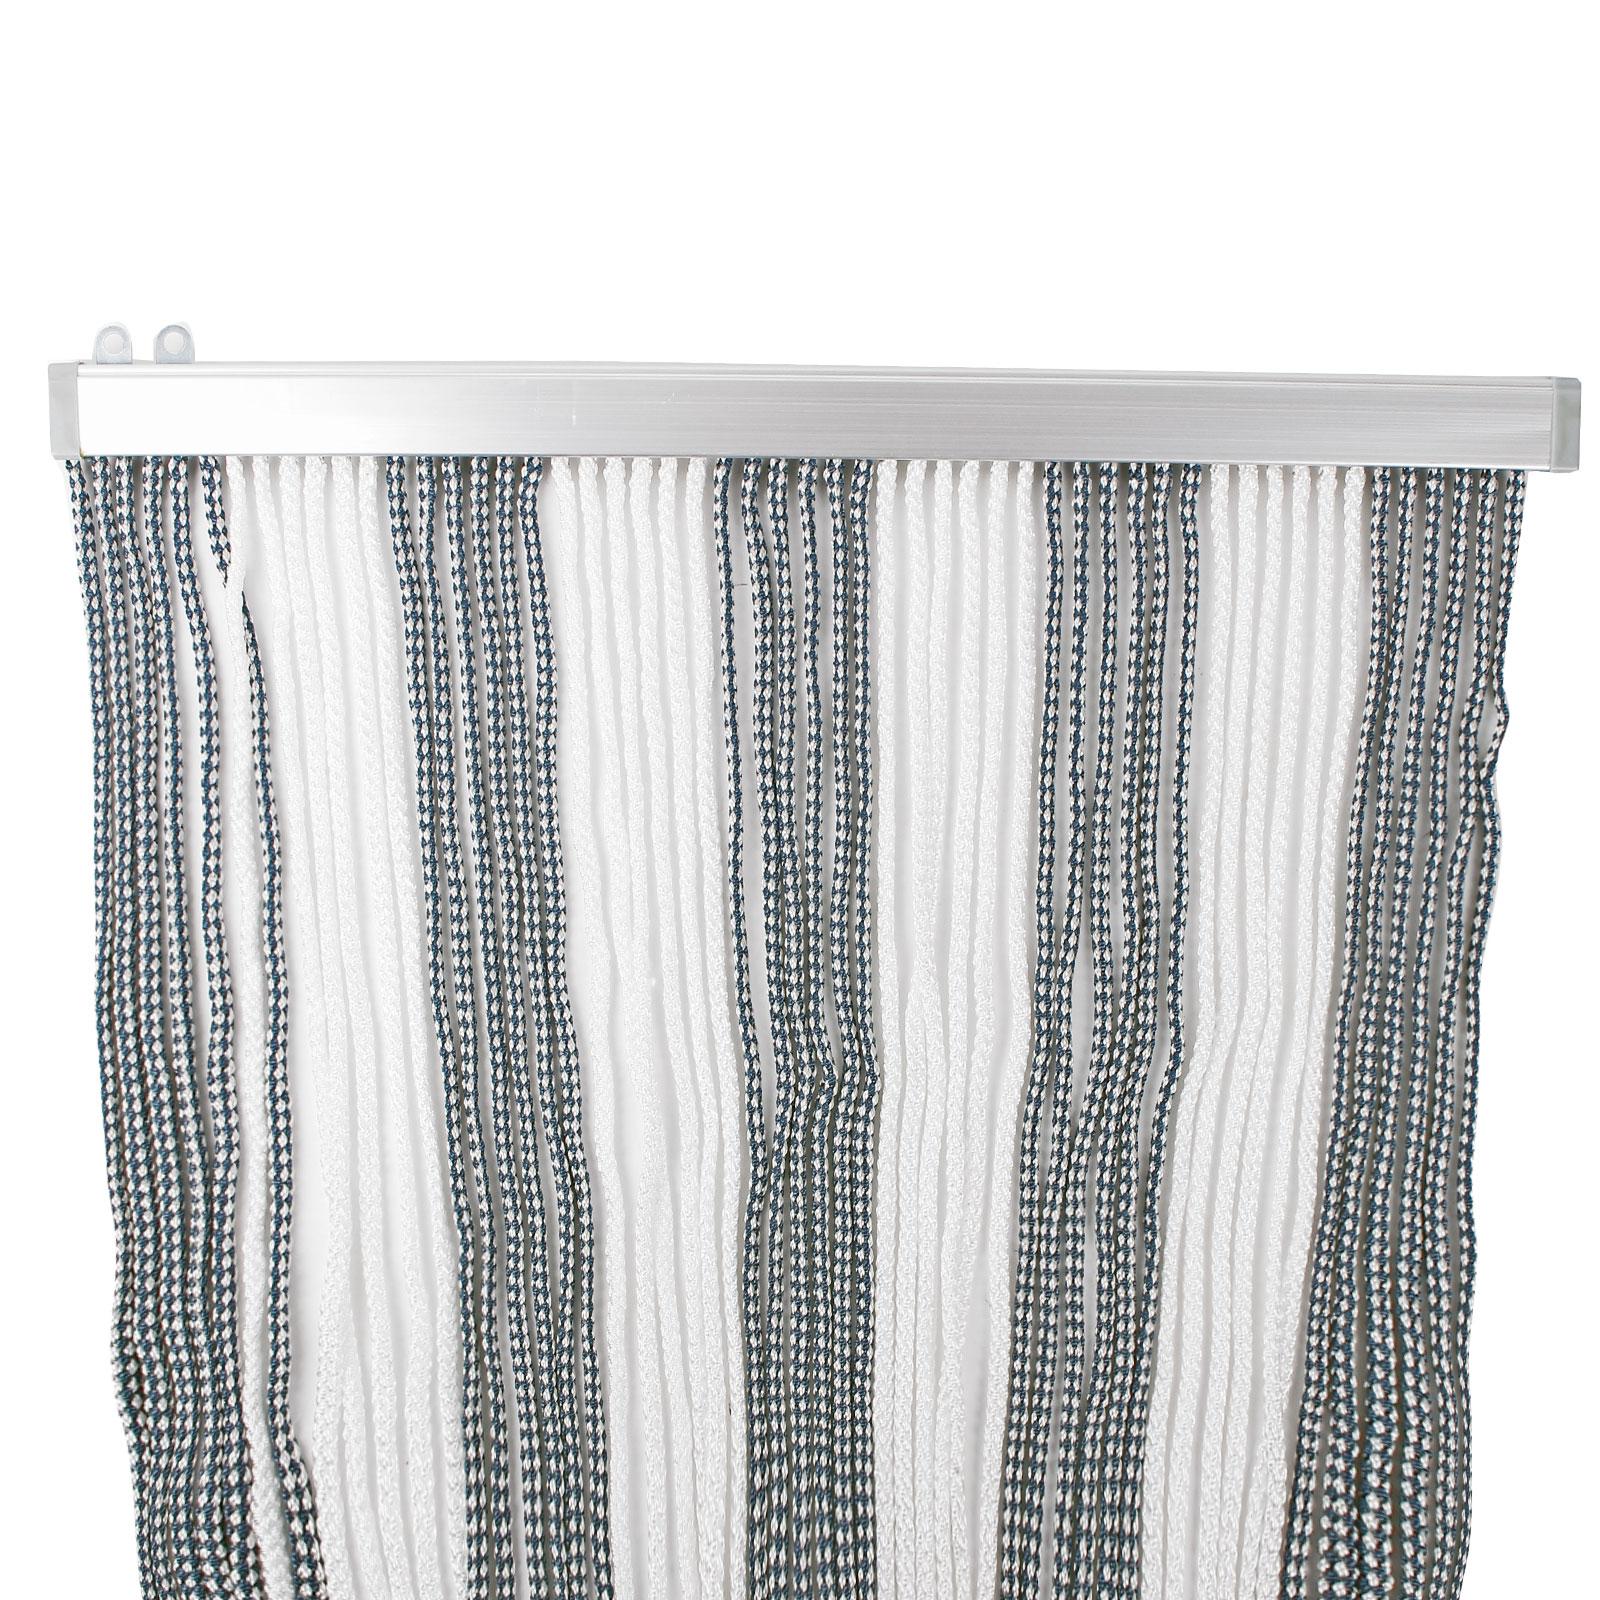 t rvorhang 60x190cm blau wei polyester fadenvorhang. Black Bedroom Furniture Sets. Home Design Ideas